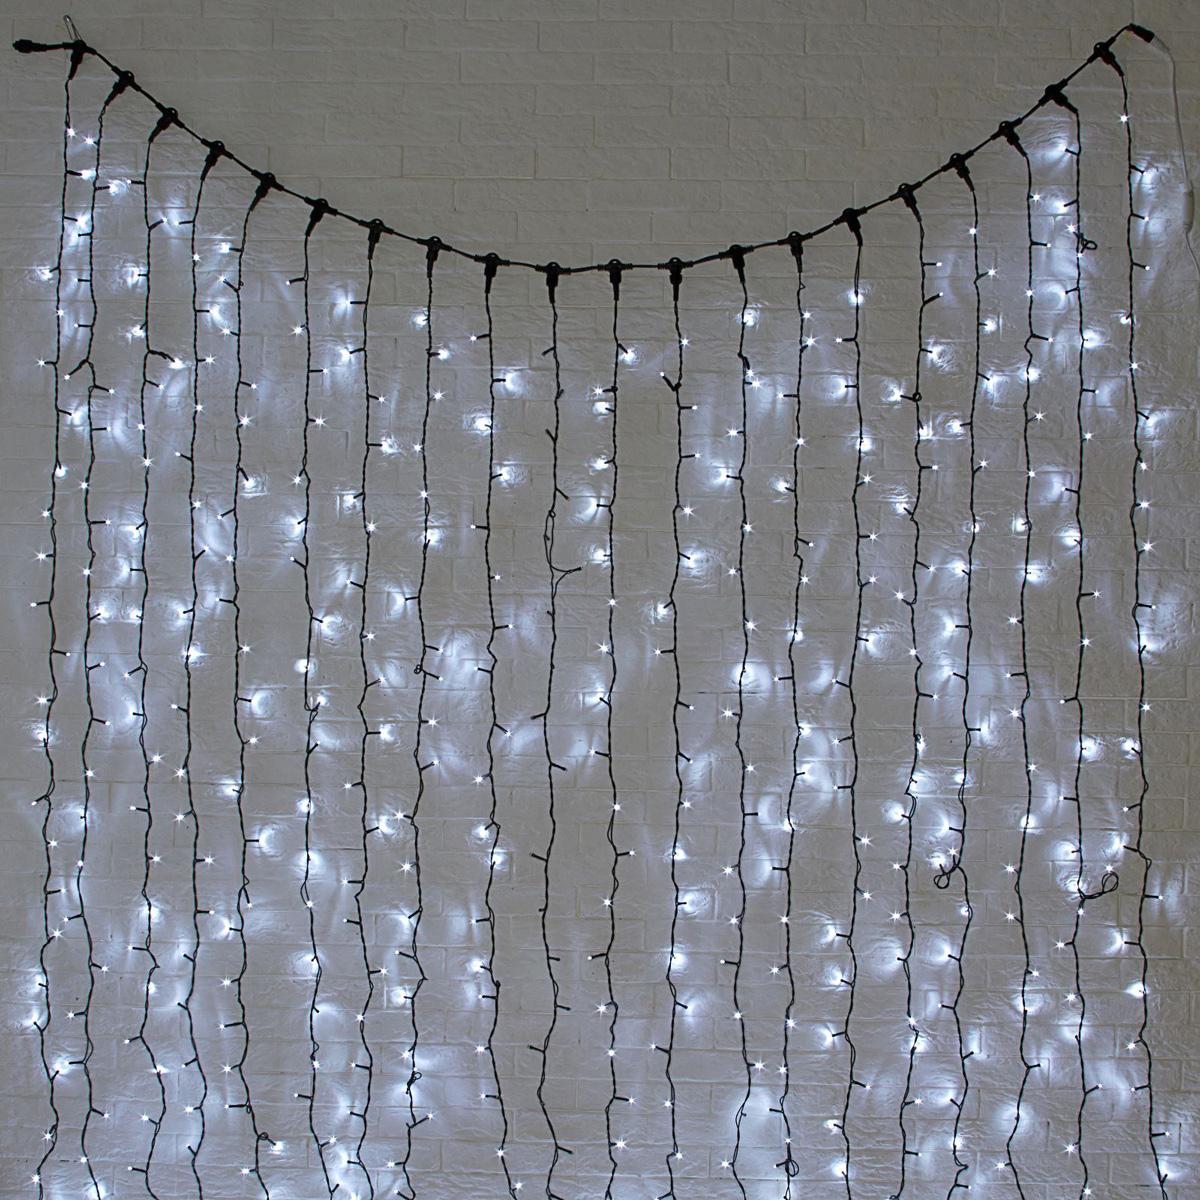 Гирлянда светодиодная Luazon Занавес, цвет: белый, уличная, 1440 ламп, 220 V, 2 х 6 м. 10802891080289Светодиодные гирлянды и ленты — это отличный вариант для новогоднего оформления интерьера или фасада. С их помощью помещение любого размера можно превратить в праздничный зал, а внешние элементы зданий, украшенные ими, мгновенно станут напоминать очертания сказочного дворца. Такие украшения создают ауру предвкушения чуда. Деревья, фасады, витрины, окна и арки будто специально созданы, чтобы вы украсили их светящимися нитями.Длина: 6 мШирина: 2 м